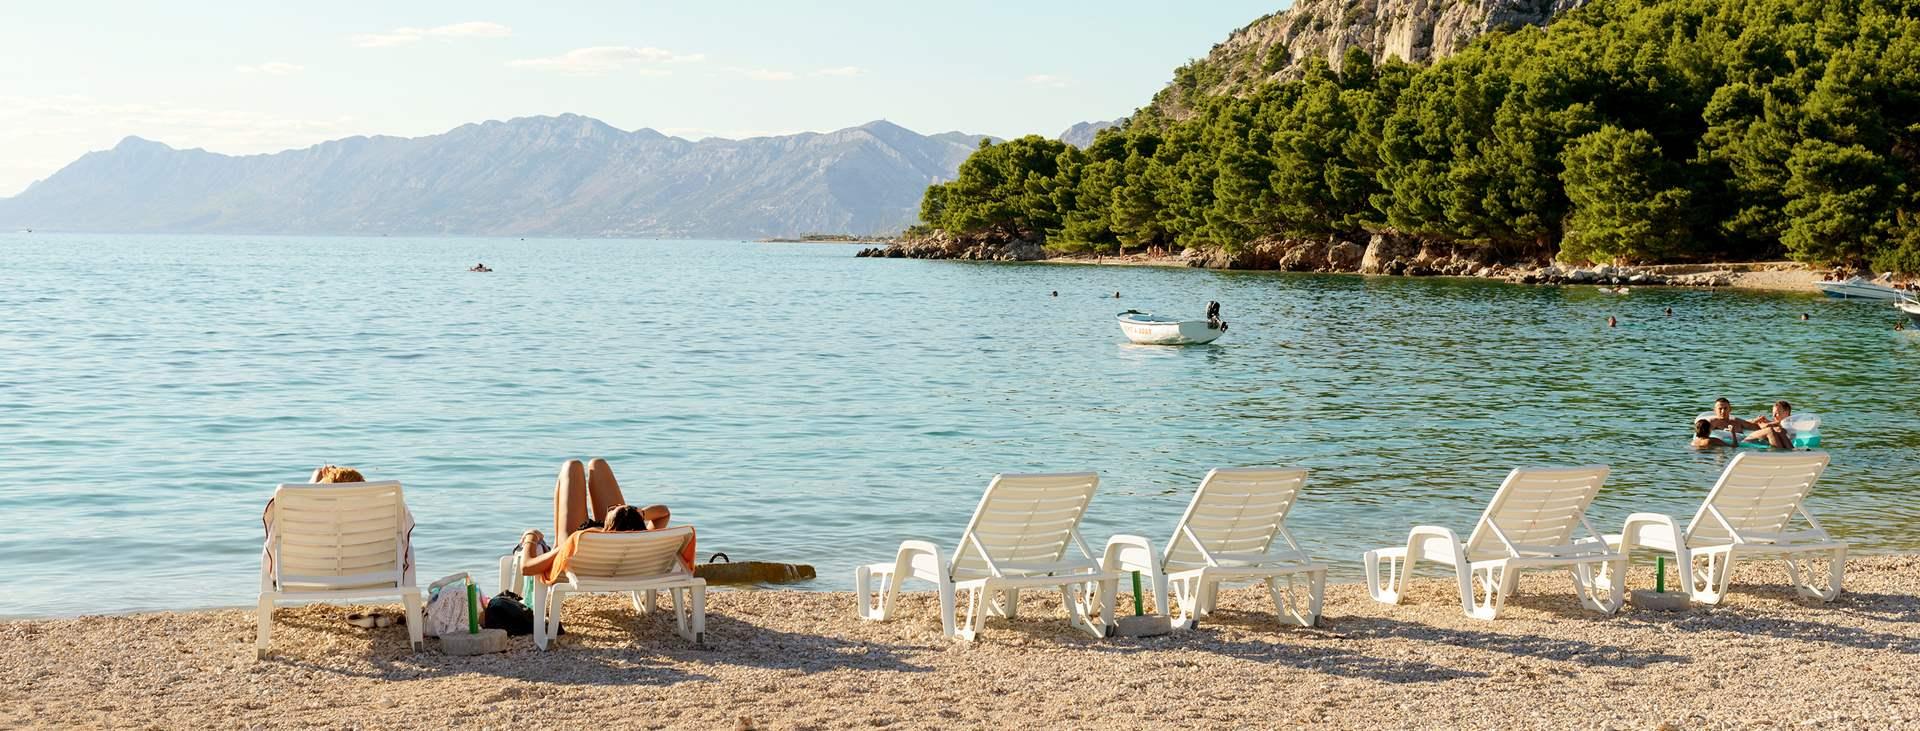 Boka din resa till Makarska i Kroatien med Ving